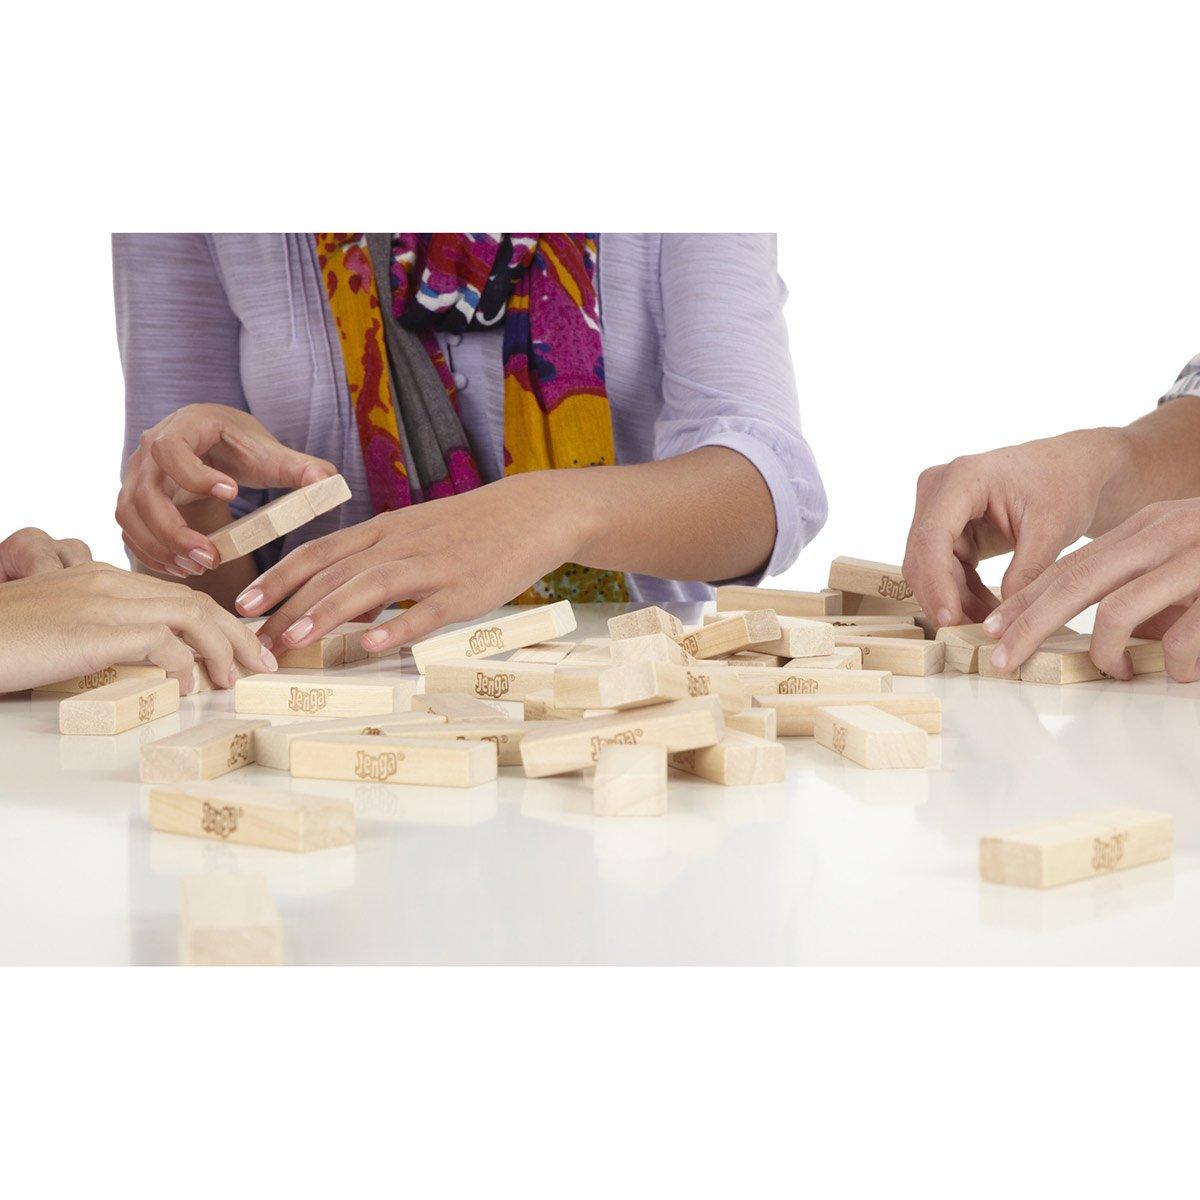 Jenga - Jeux De Société Et Puzzles - La Grande Récré destiné Puzzle Gratuit Pour Fille De 3 Ans